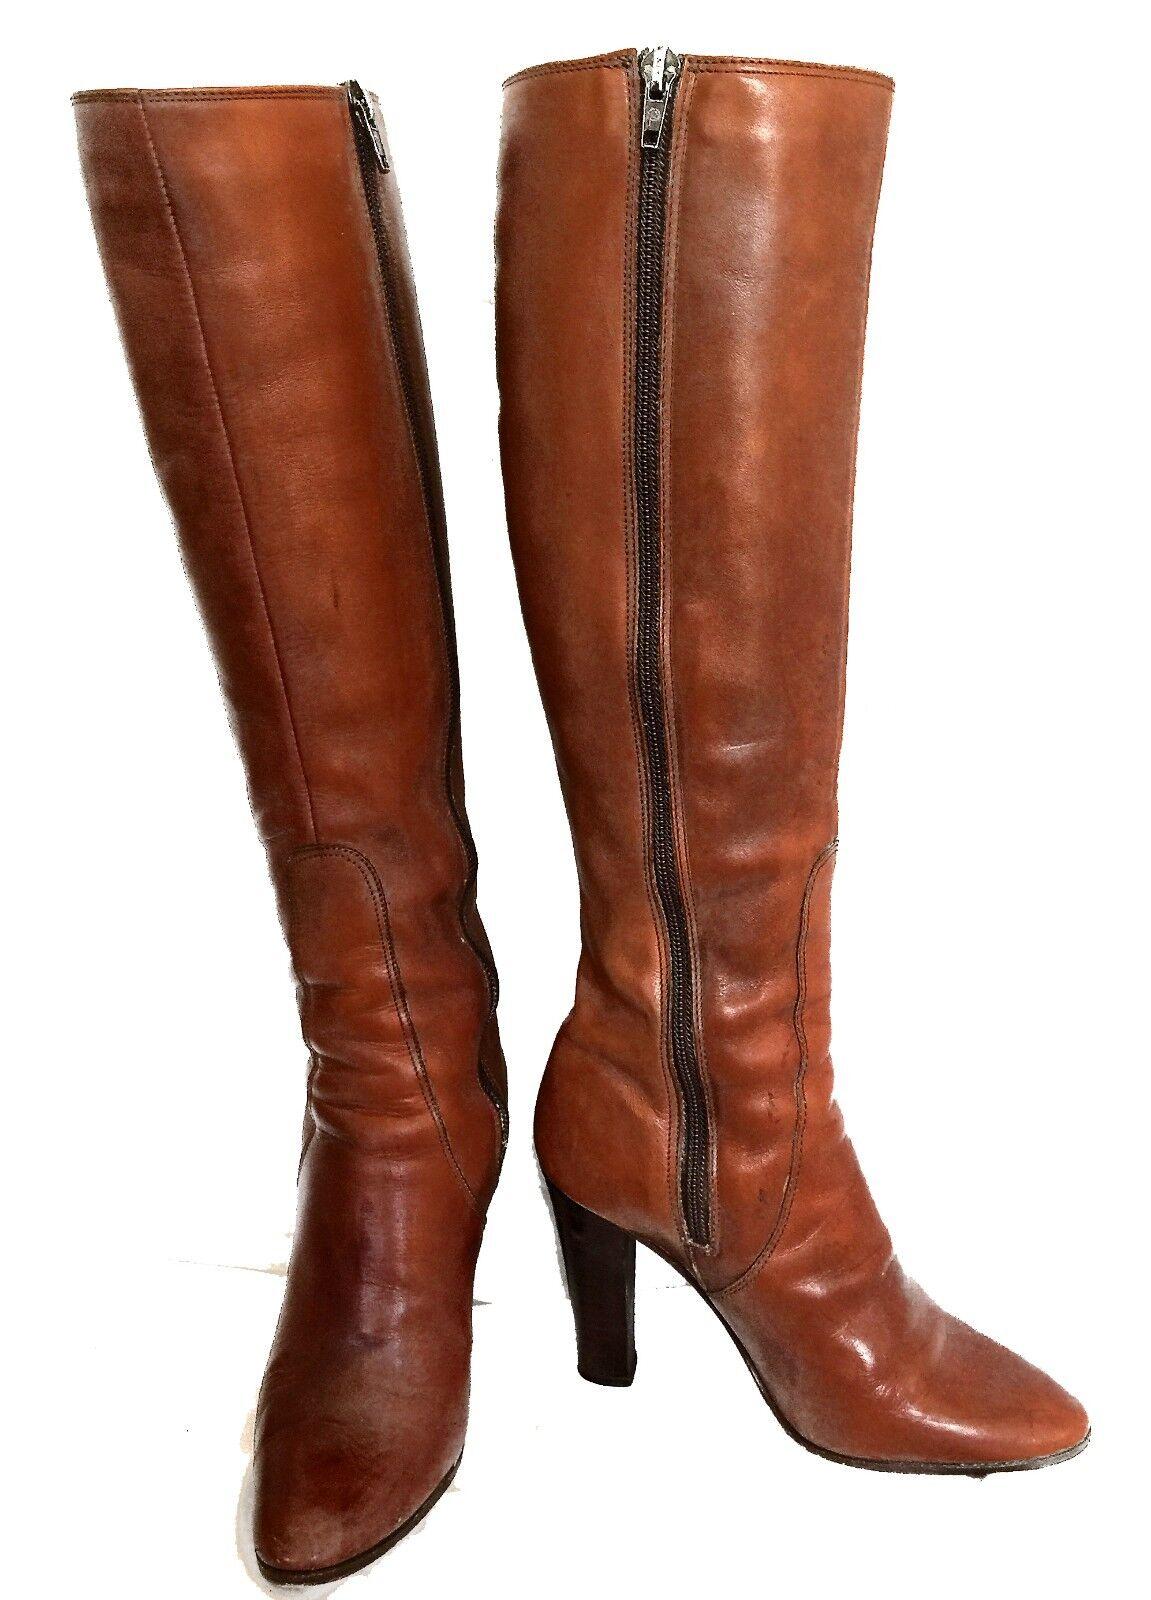 Hana Mackler Braun Leder Zip Up Stiefel - Größe 6.5 M - VTG -EUC